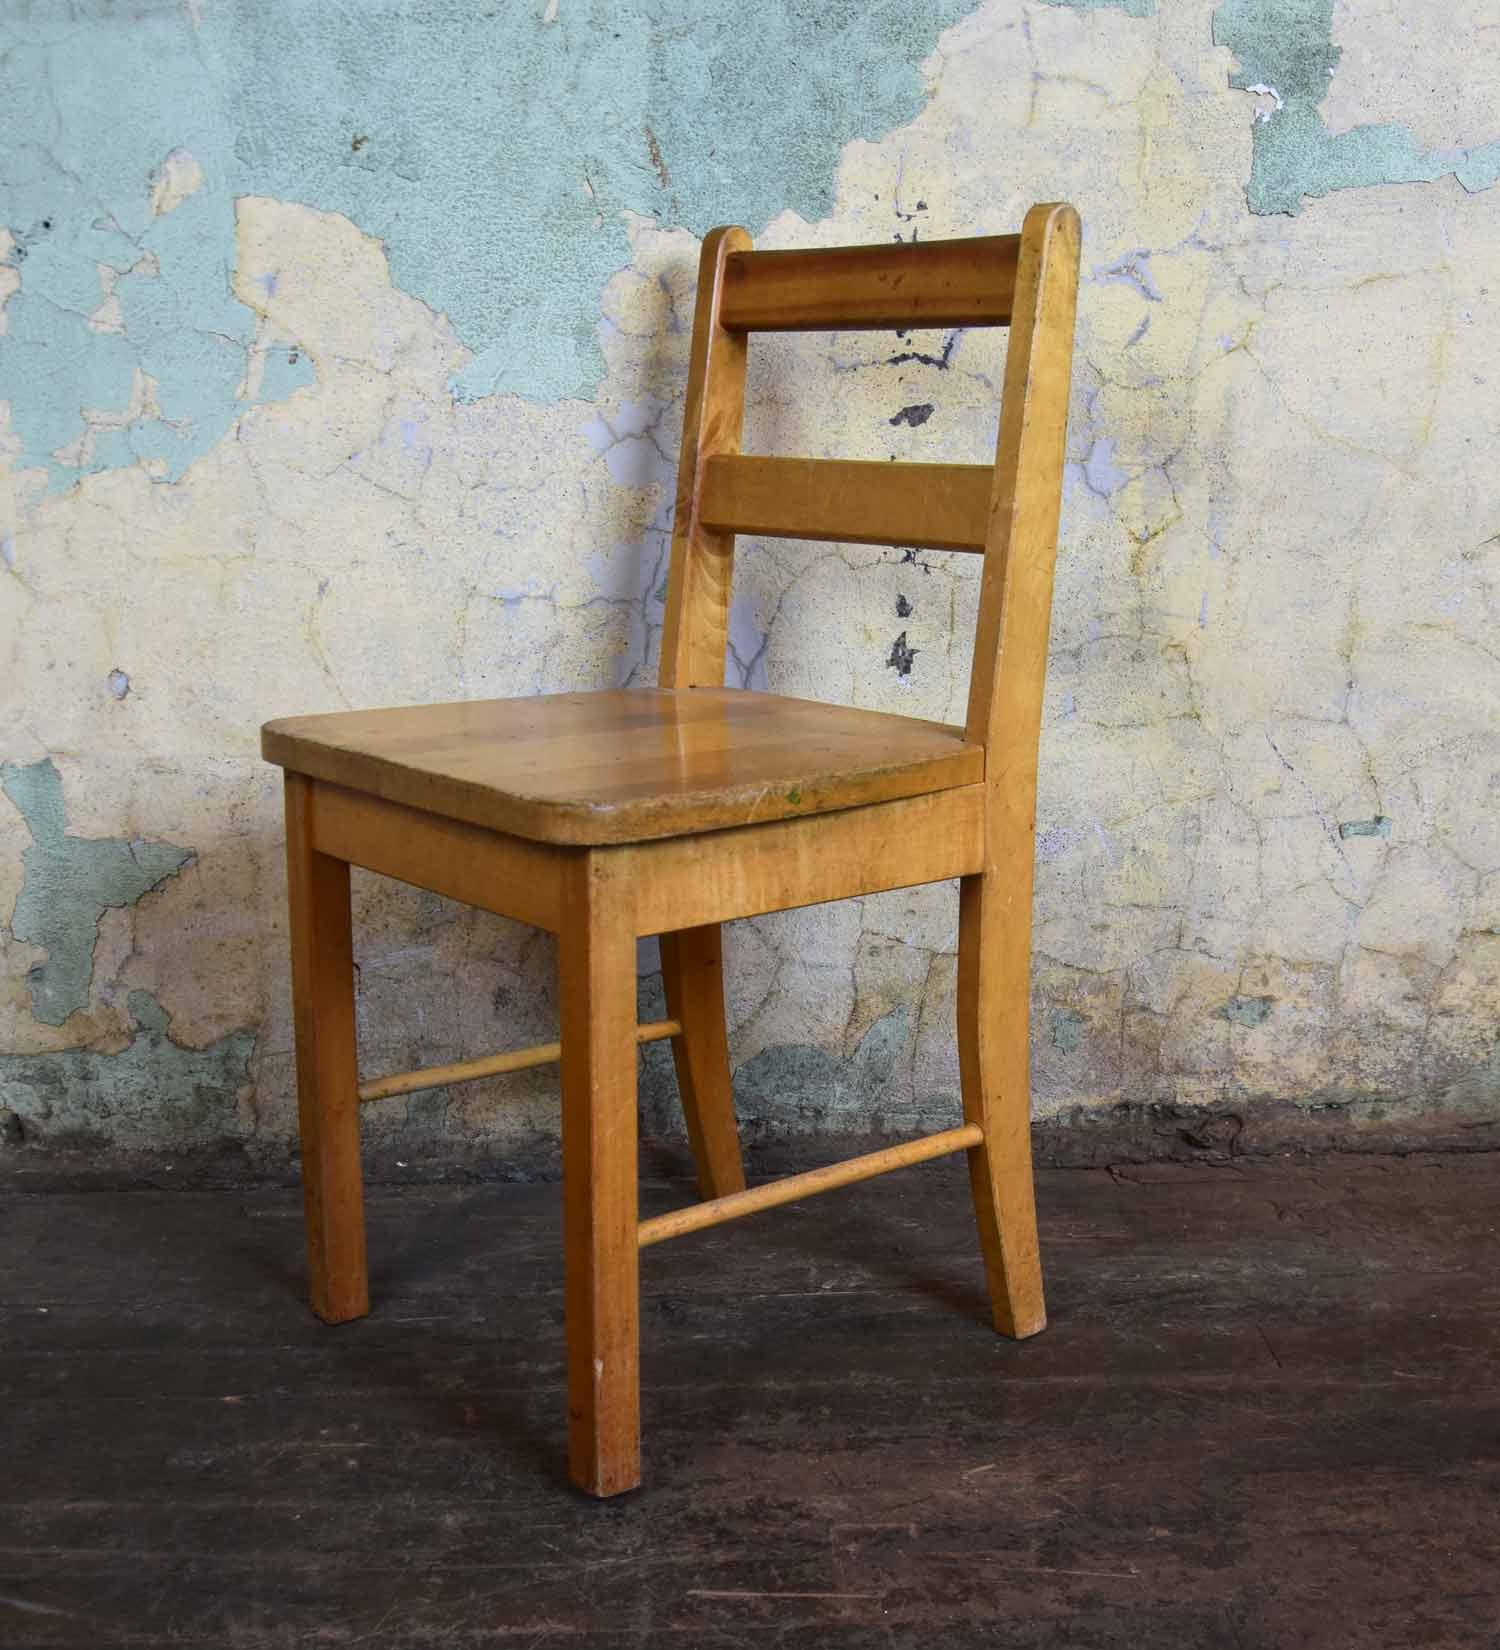 46832-maple-kids-chairs-ANGLE.jpg